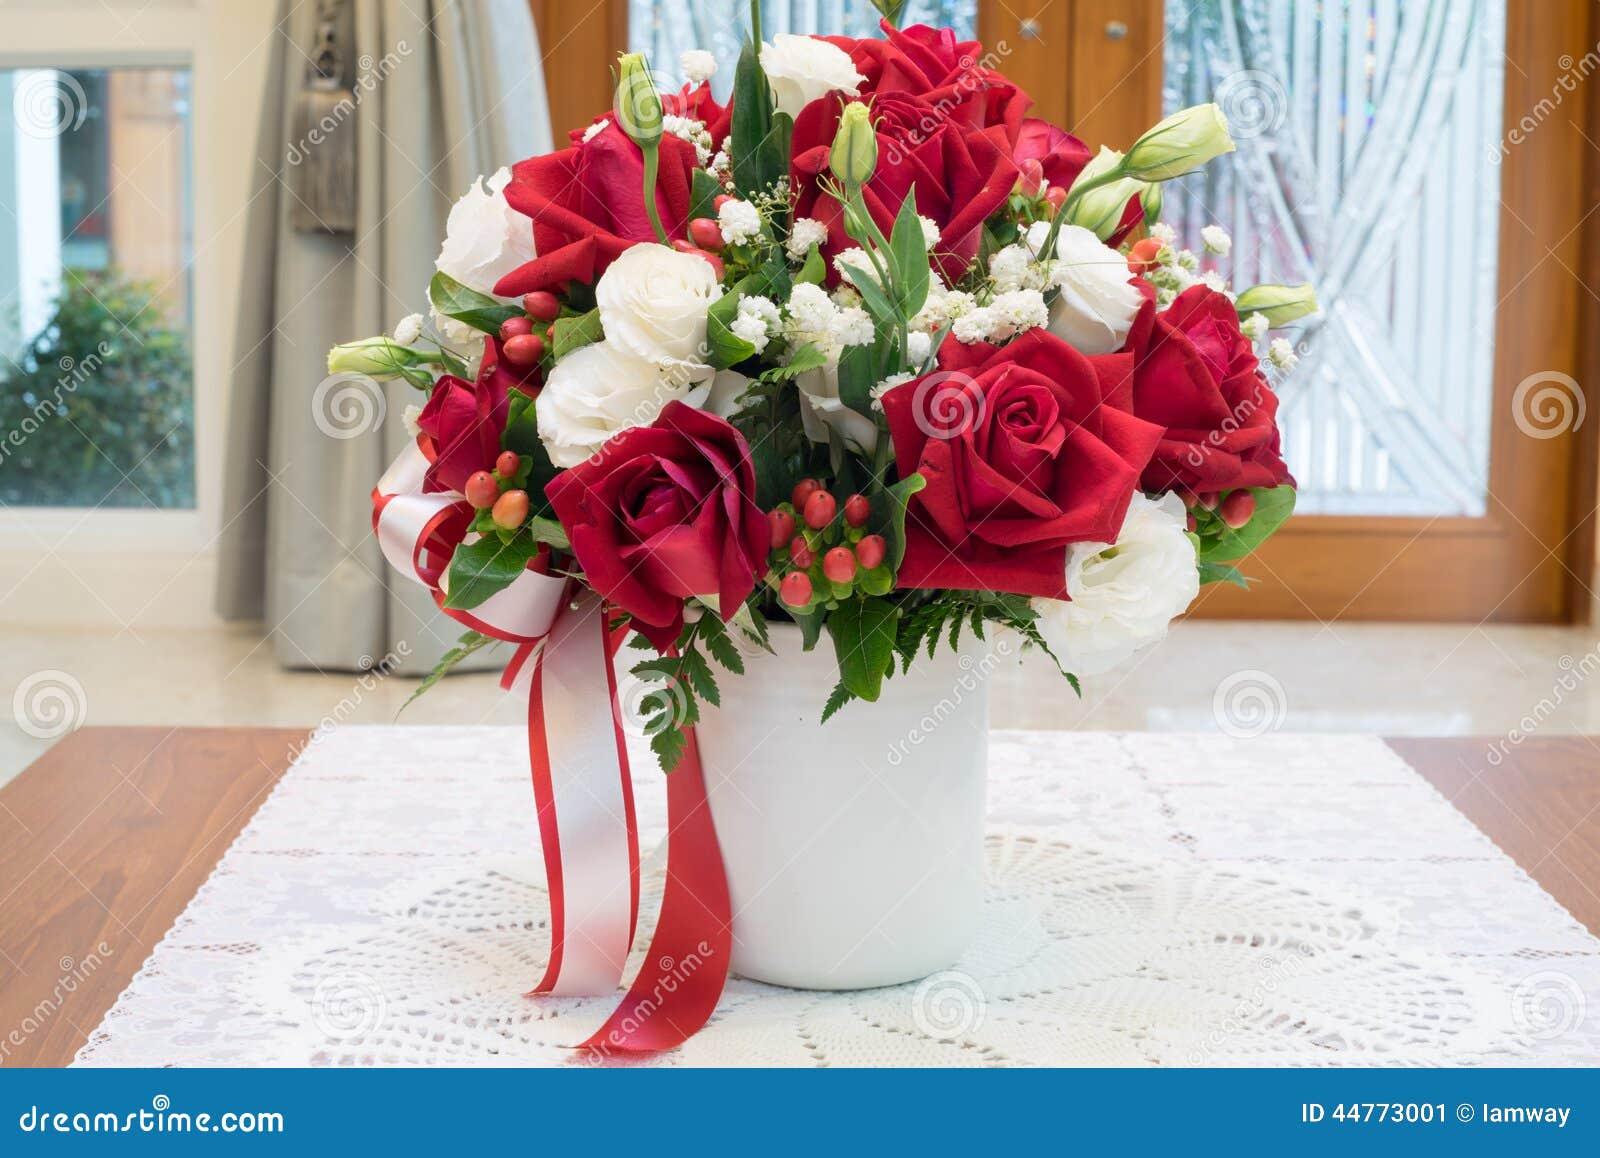 Rosen Blüht Blumenstrauß Innerhalb Des Vase Auf Schreibtisch In Der ...